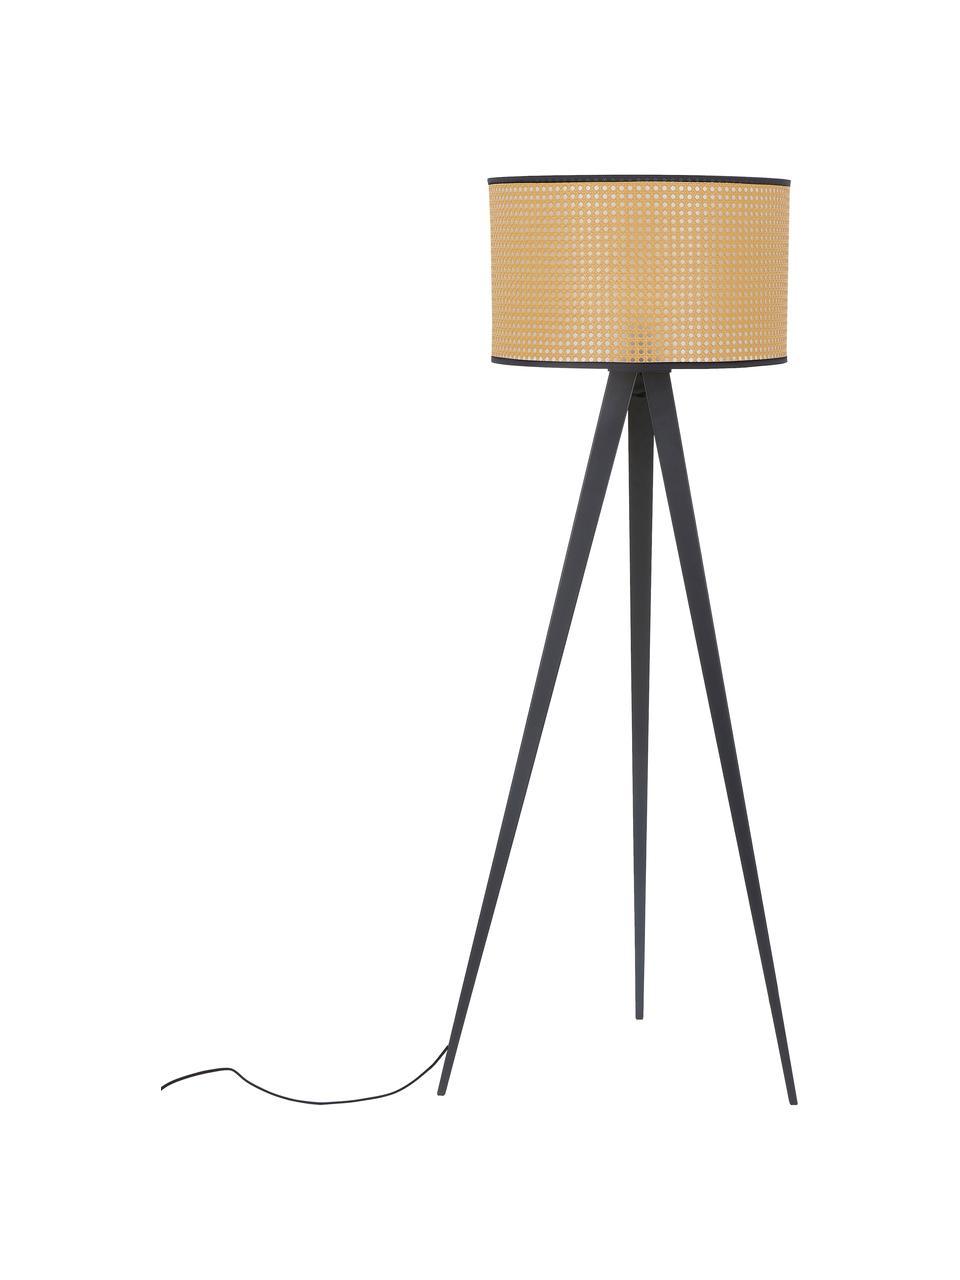 Lampa podłogowa z plecionki wiedeńskiej Vienna, Klosz: beżowy, czarny Podstawa lampy: czarny, matowy Kabel: czarny, Ø  50 x W 154 cm